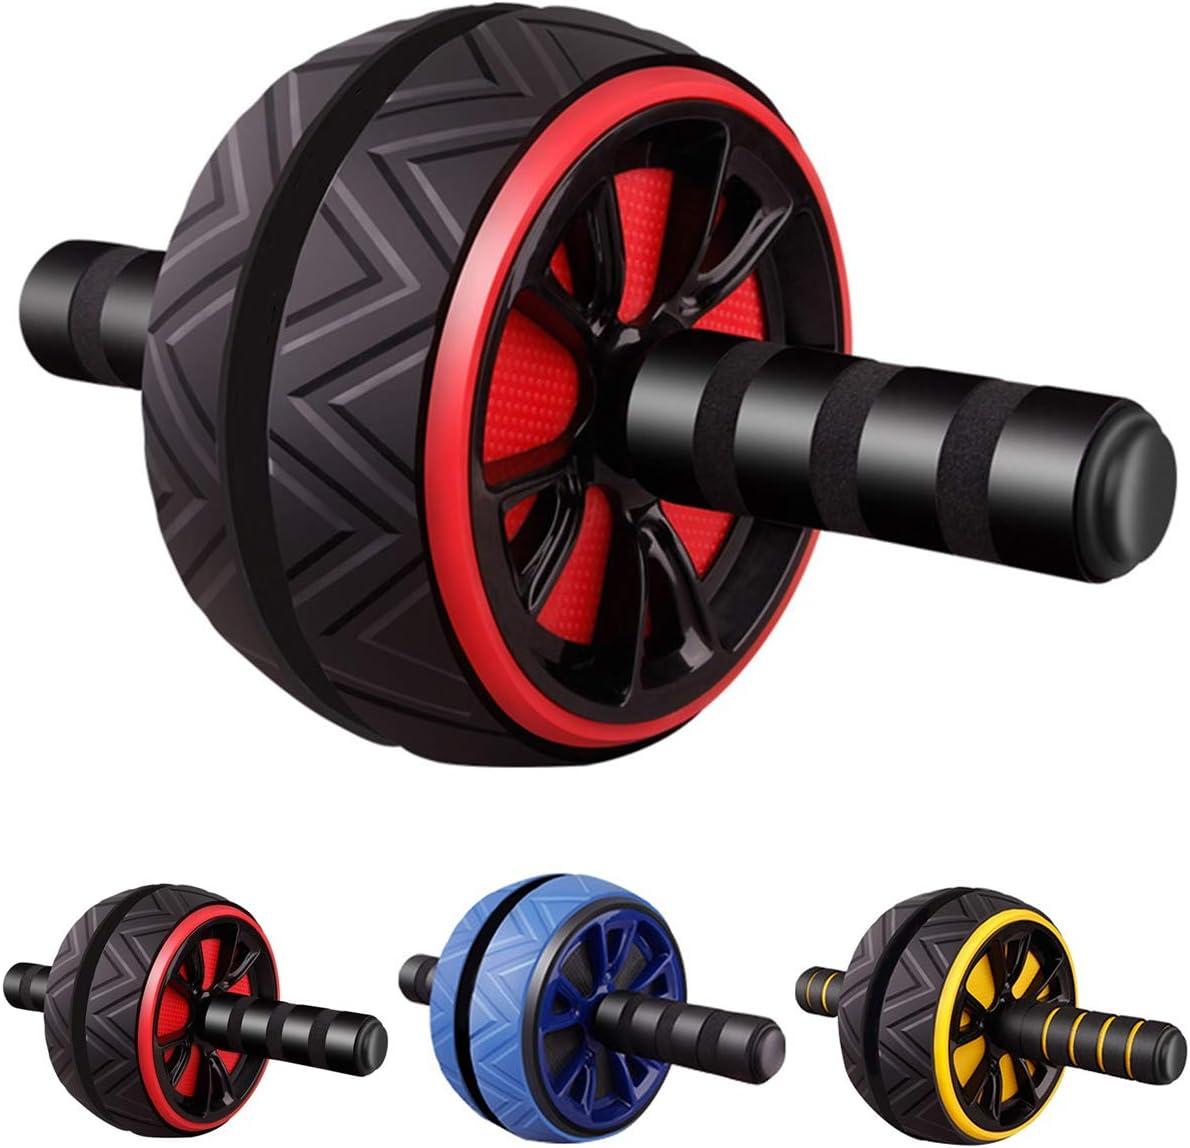 Borlai Ab Roller Wheel Ab Roller Ab Roller Wheel Attrezzi Ginnici Ab Roller Wheel per Palestra di Casa